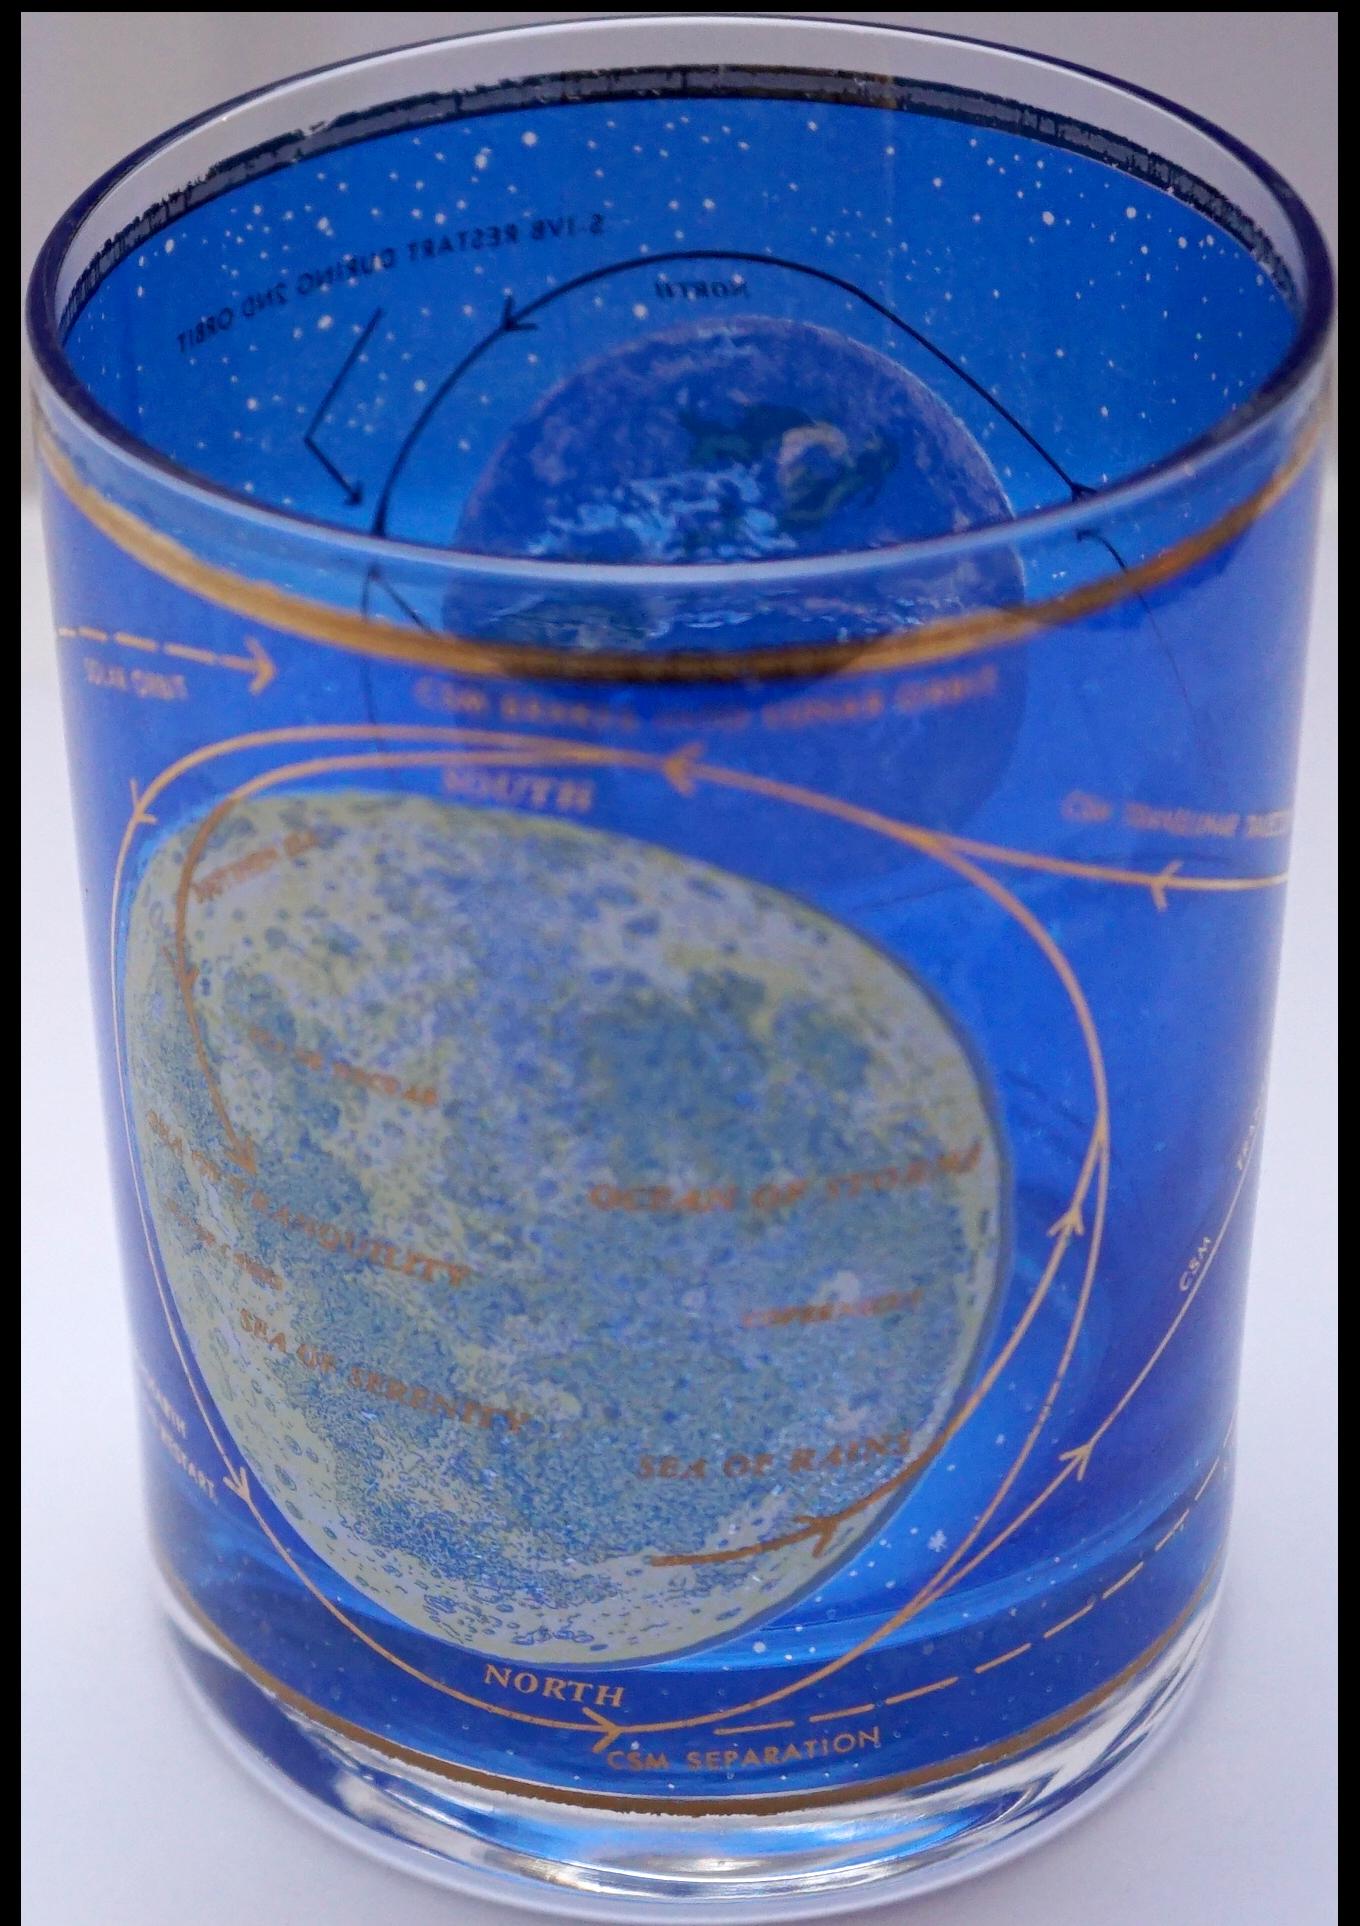 ERM-XXXX-EPHEMERA-GLASS-MISSION_TRAJECTORY-01.png